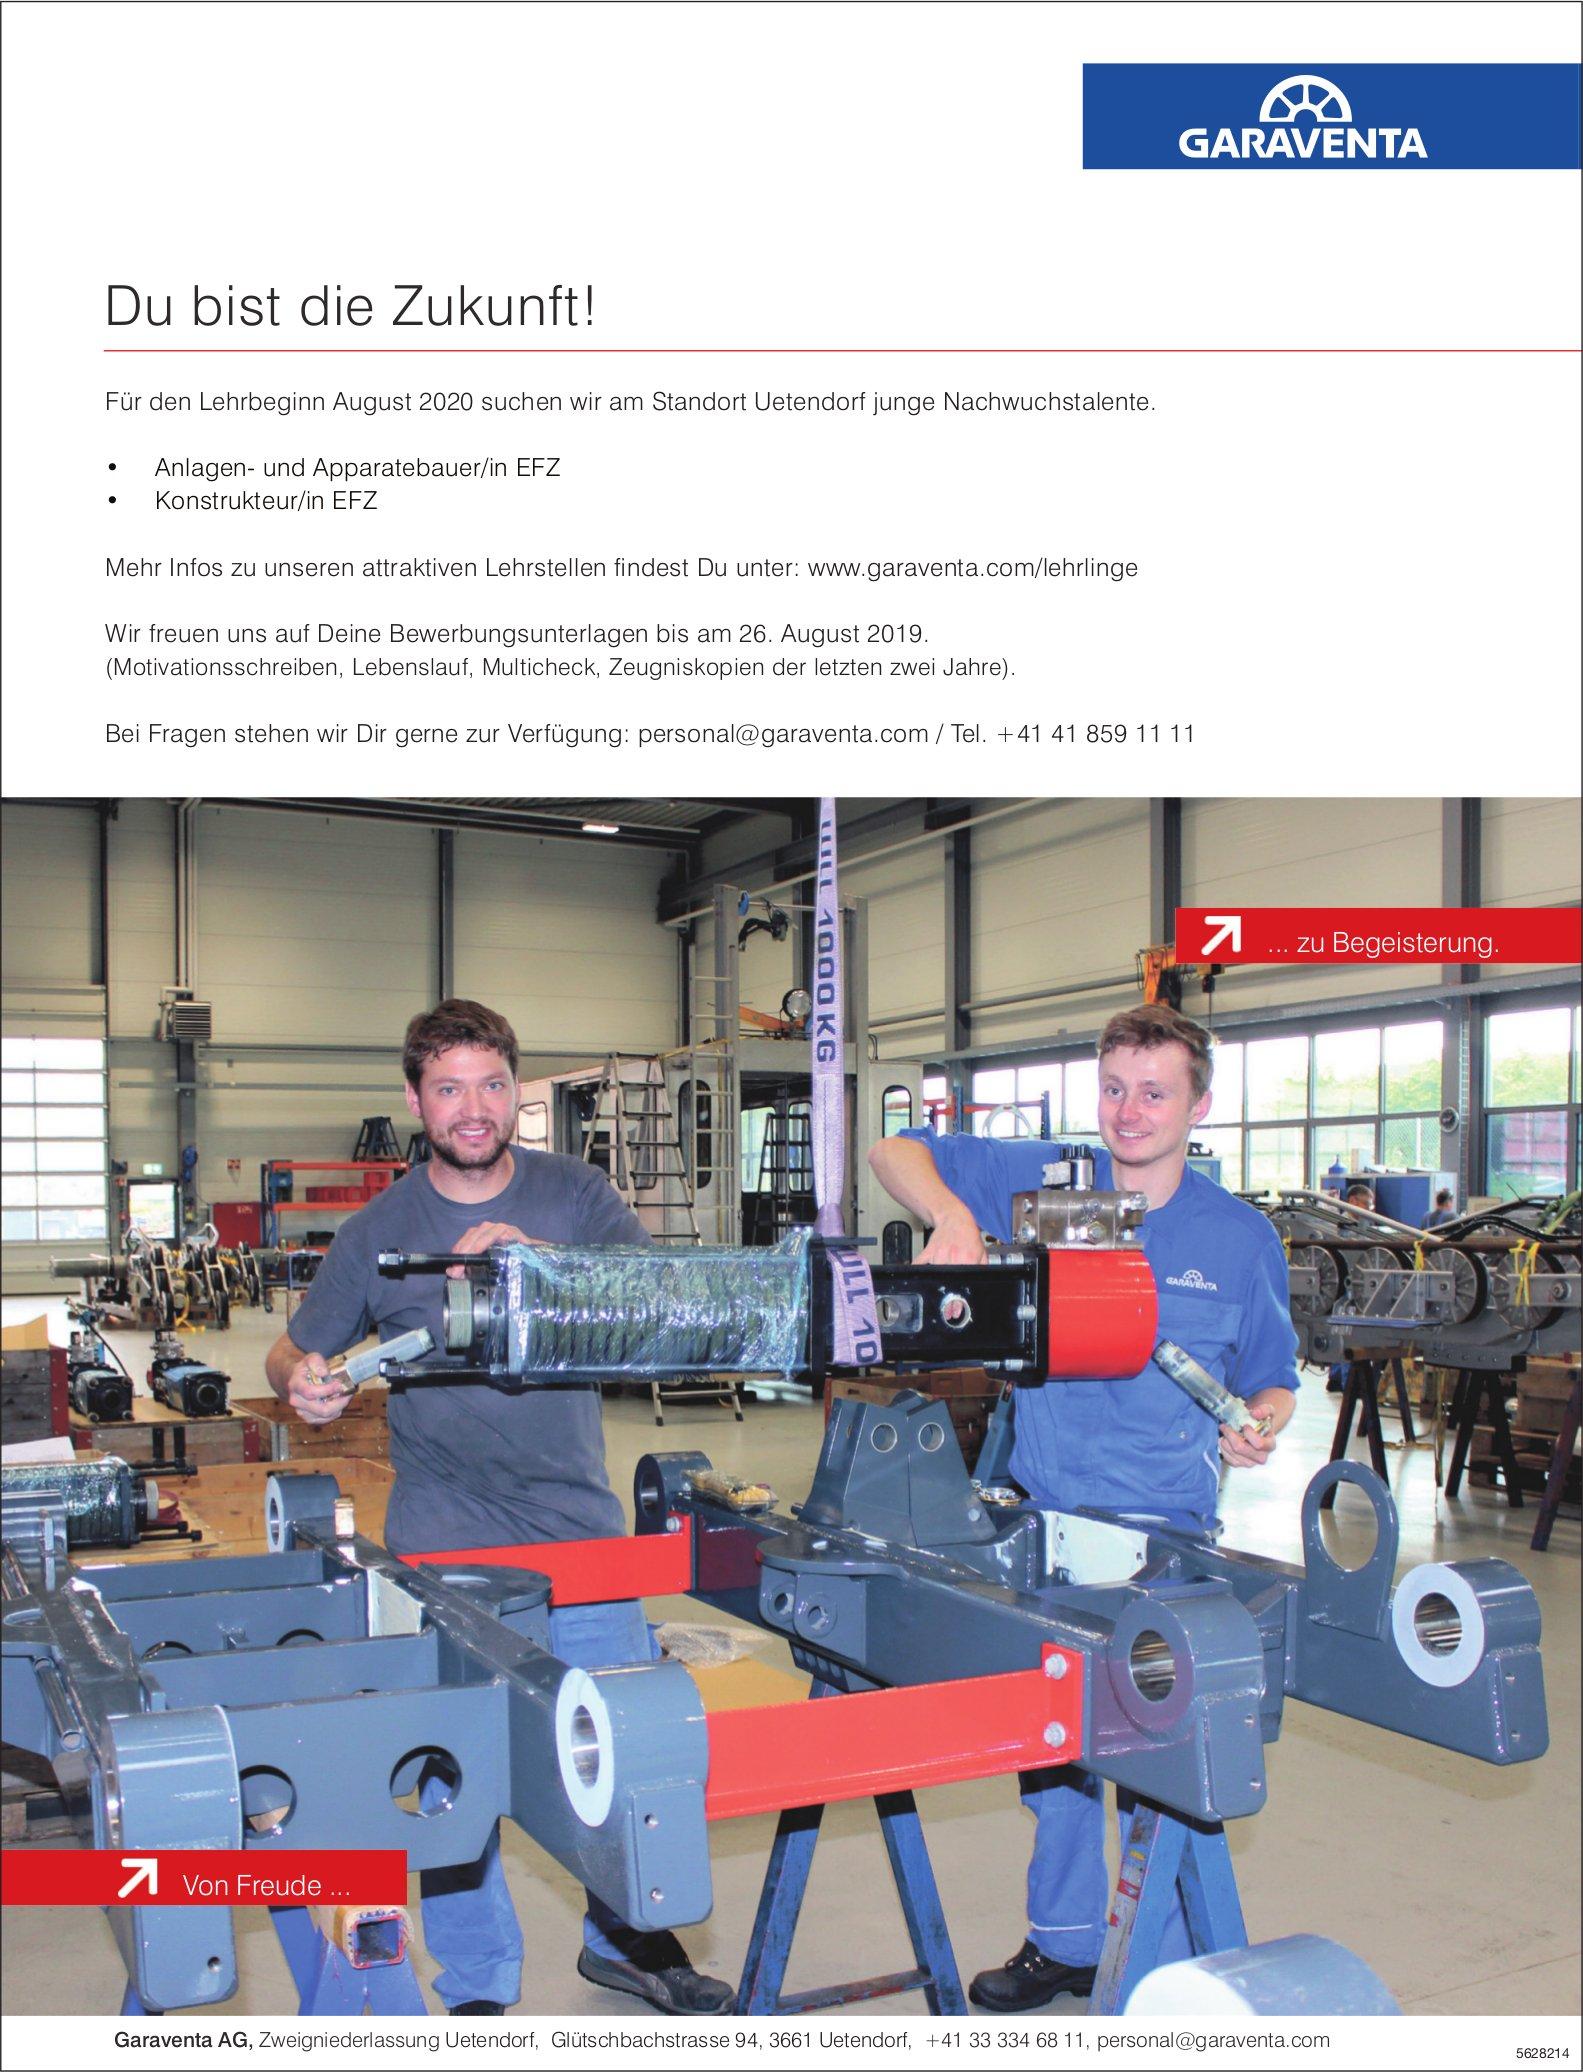 Lehrstellen als Anlagen- und Apparatebauer/in EFZ, Konstrukteur/in EFZ, Garaventa AG, Uetendorf